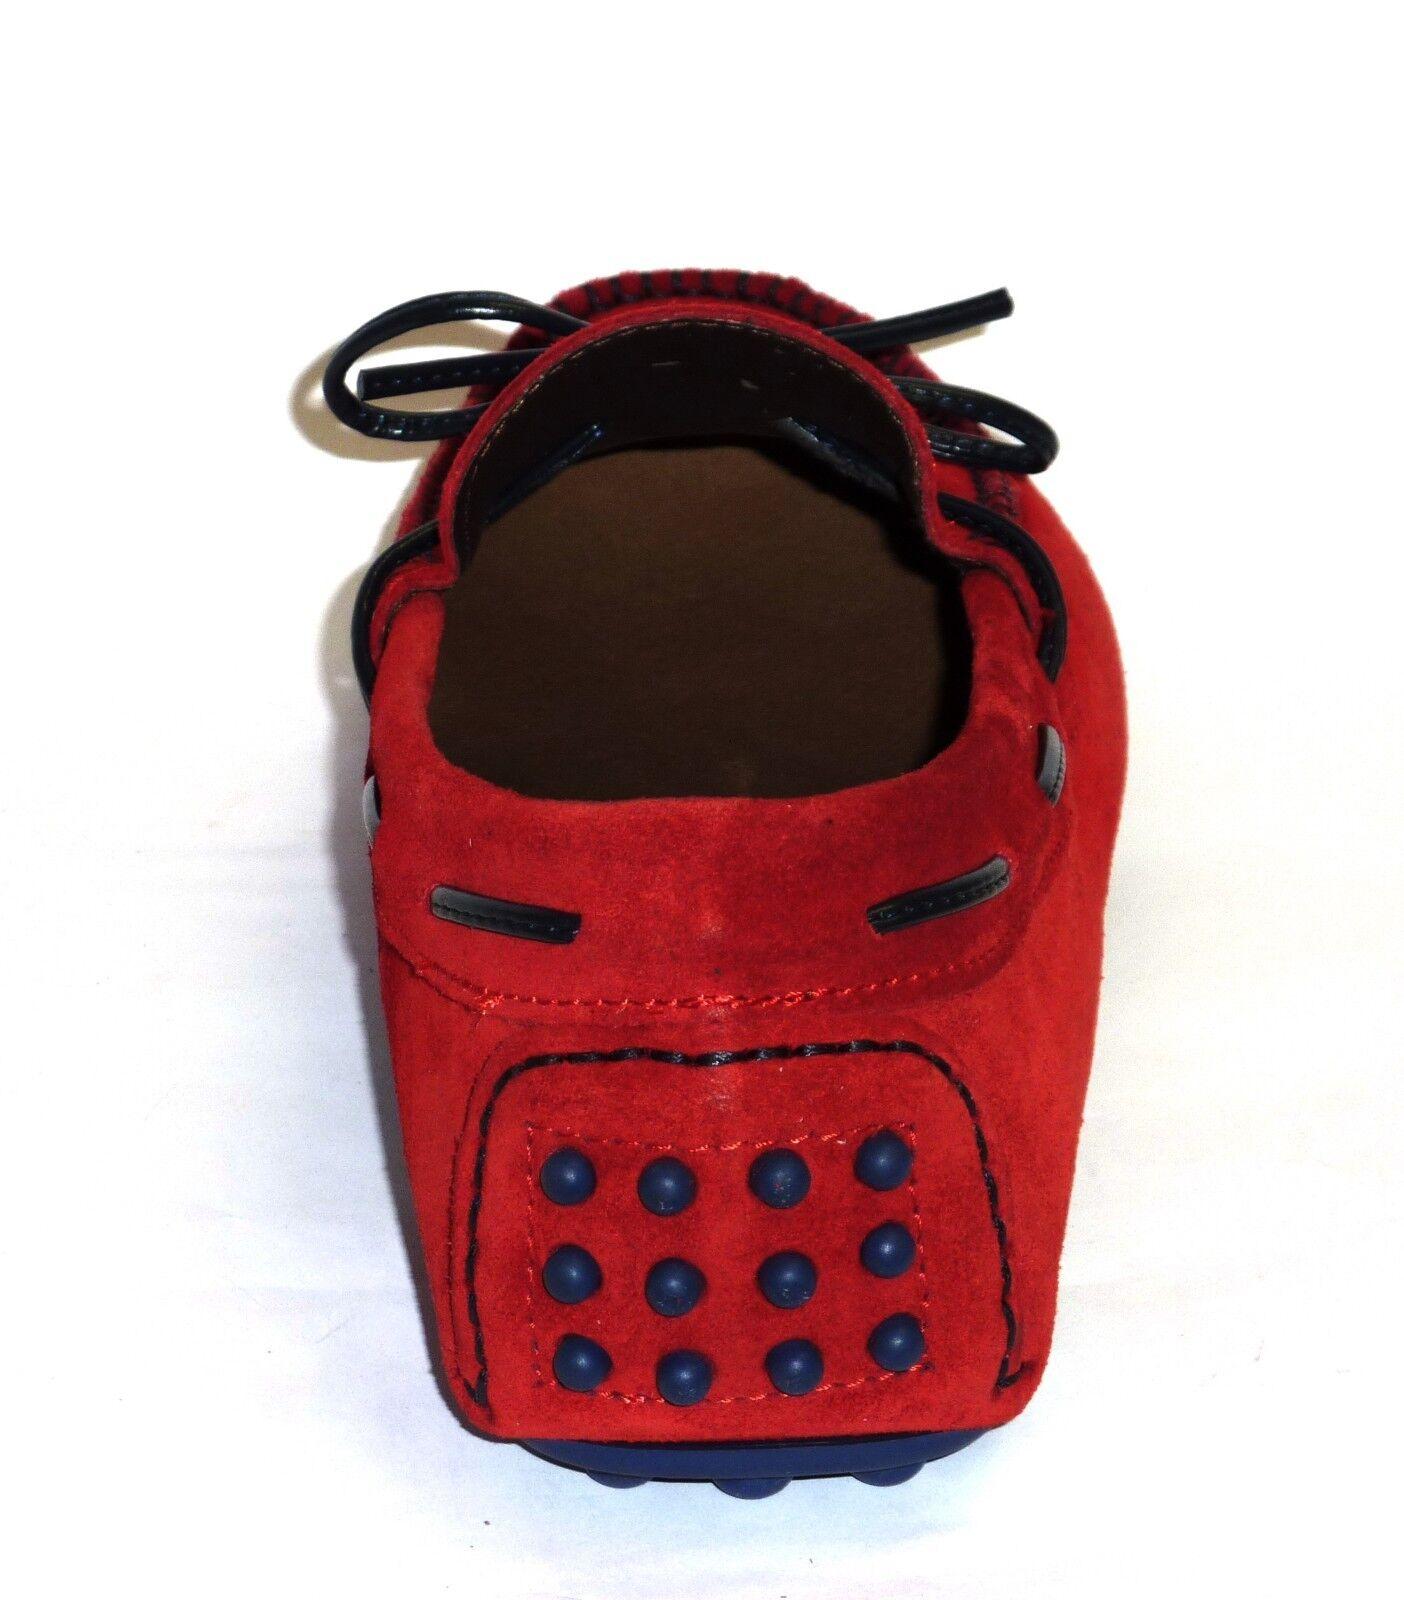 U16007 MELLUSO WALK WALK WALK SCARPE UOMO MOCASSINI PELLE NABUK ROSSO MODA COMODA n. 43 Scarpe classiche da uomo 306f82